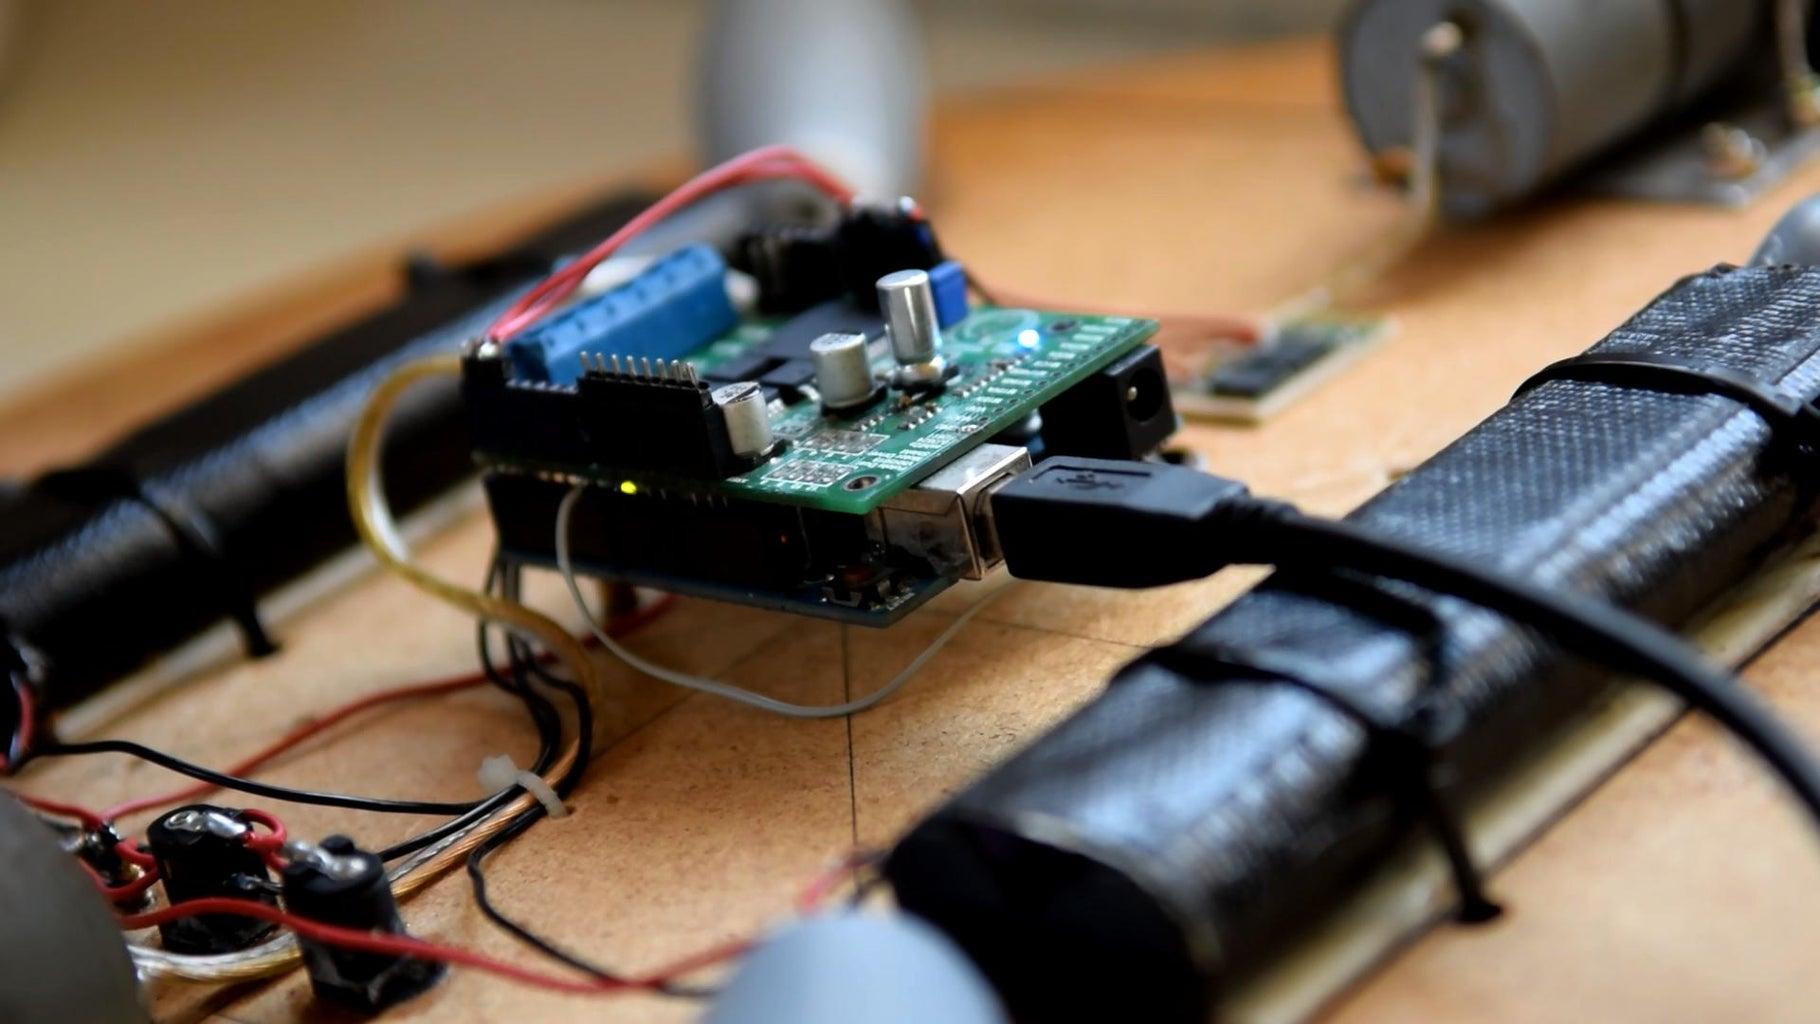 Program the Robotic Mechanism